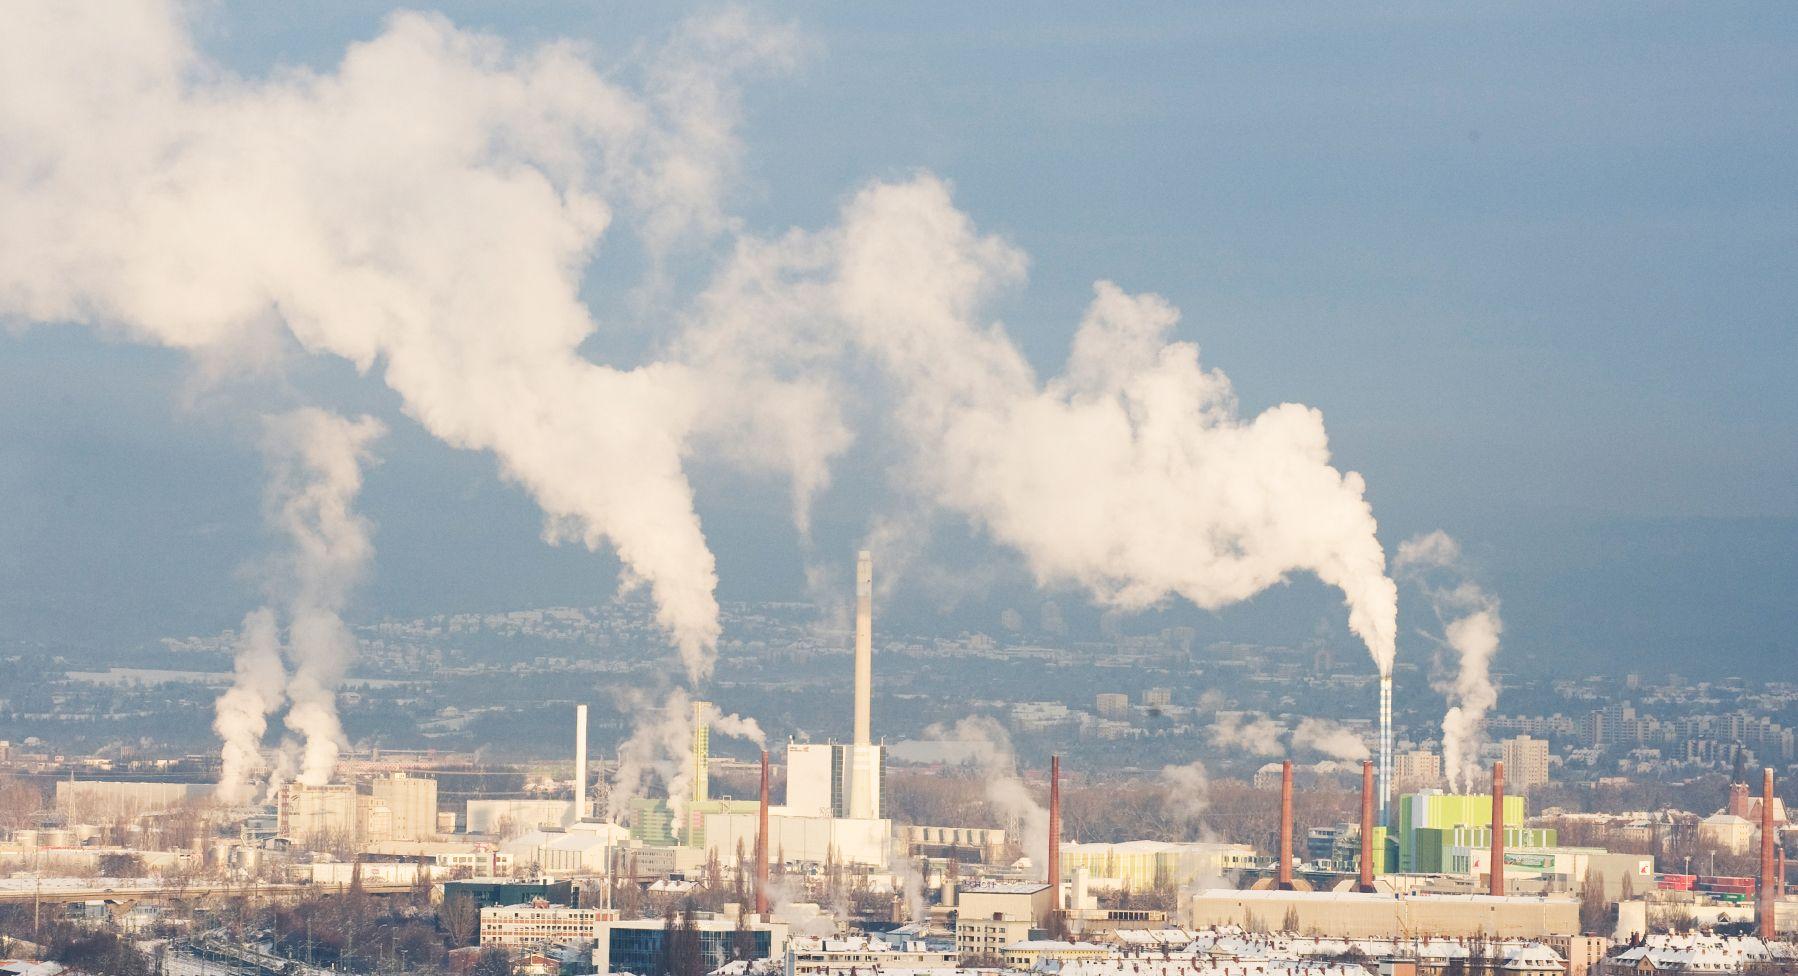 Organização Meteorológica Mundial Alerta Para Níveis Recordes De Gases De Efeito Estufa Na Atmosfera